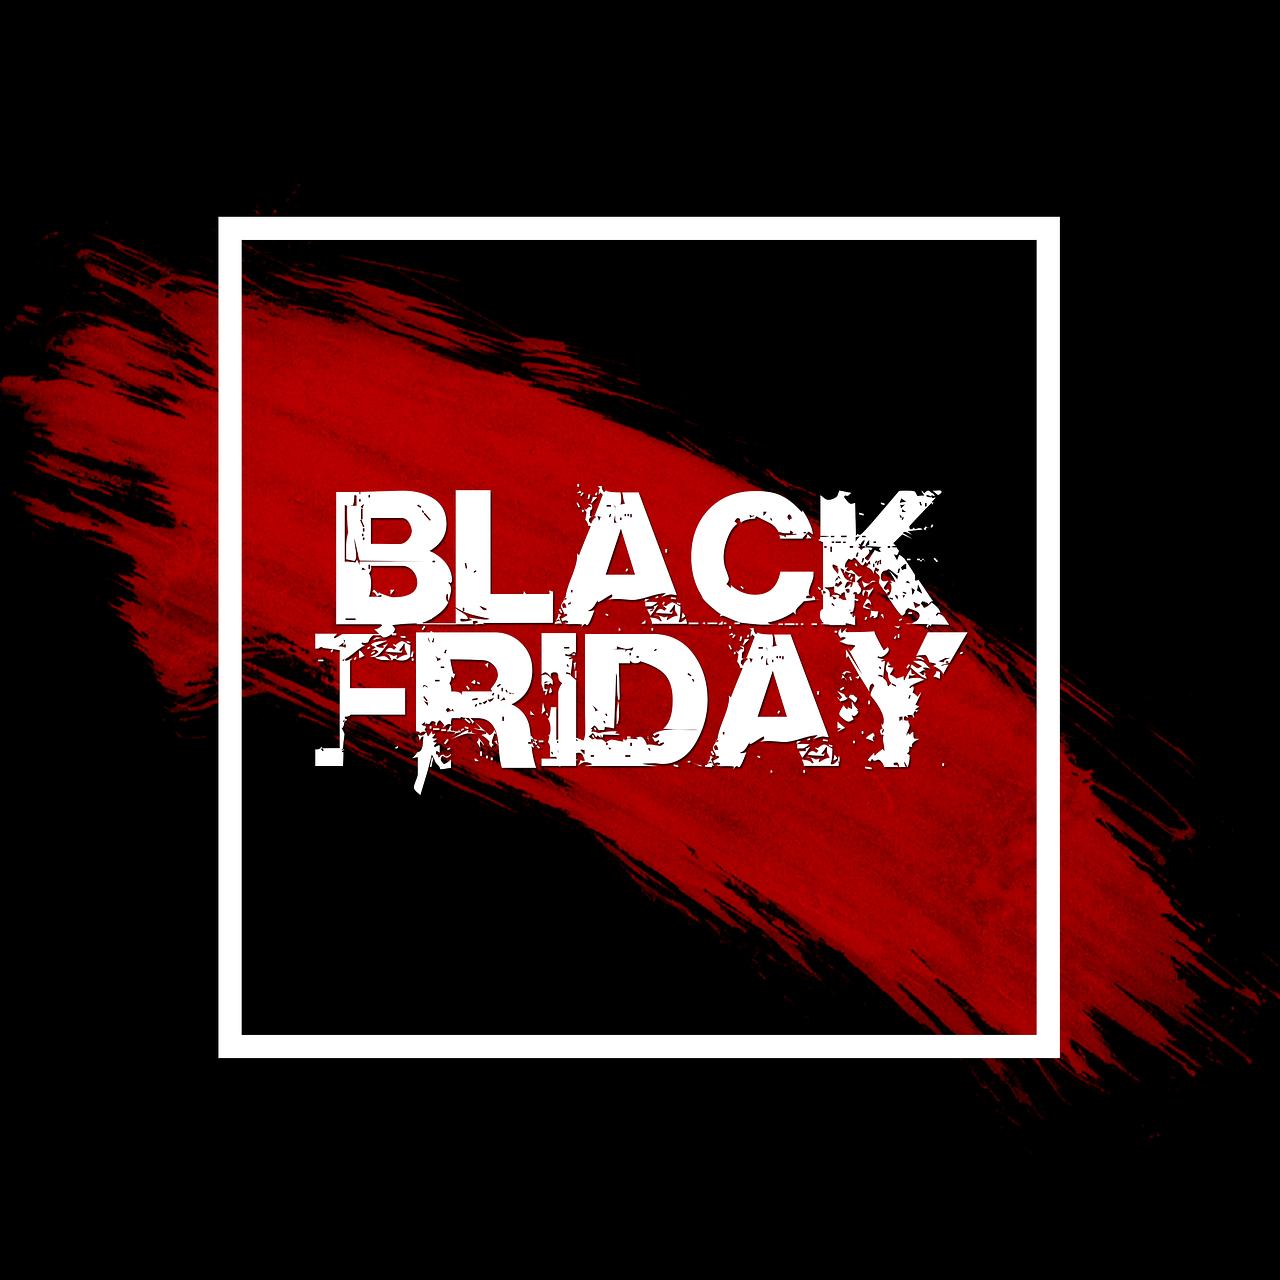 Black Friday Anche La Bici Elettrica Nella Top List Amazon Bicitech